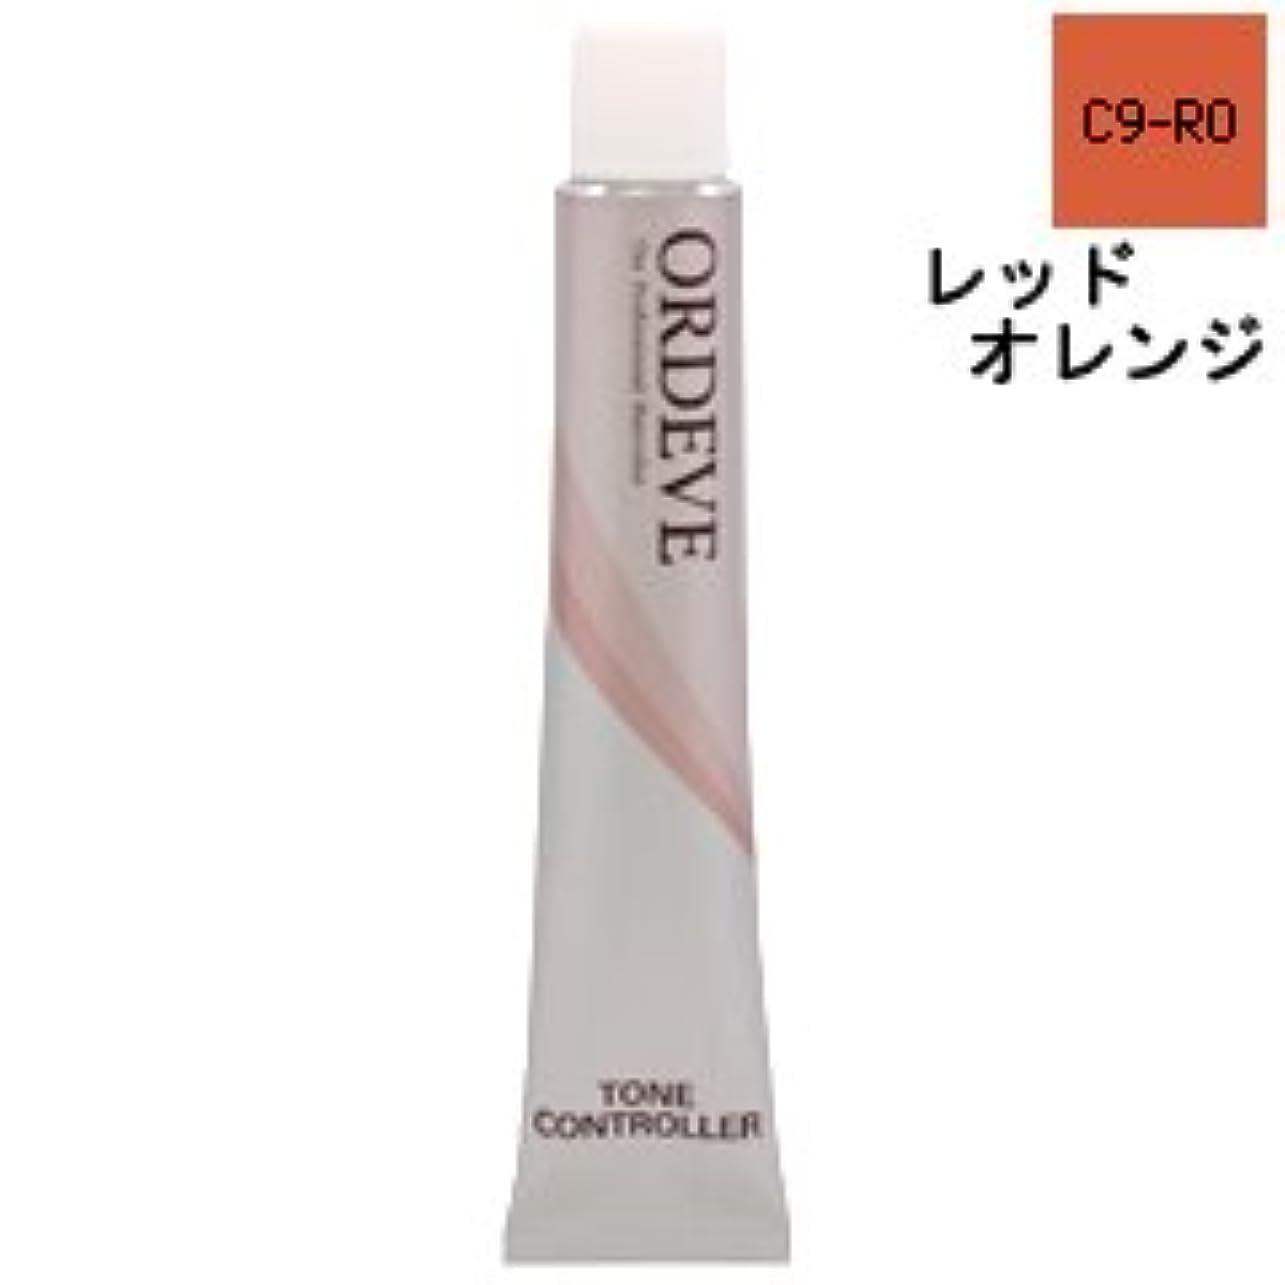 チーズ浮くメトロポリタン【ミルボン】オルディーブ トーンコントローラー #C9-RO レッドオレンジ 80g